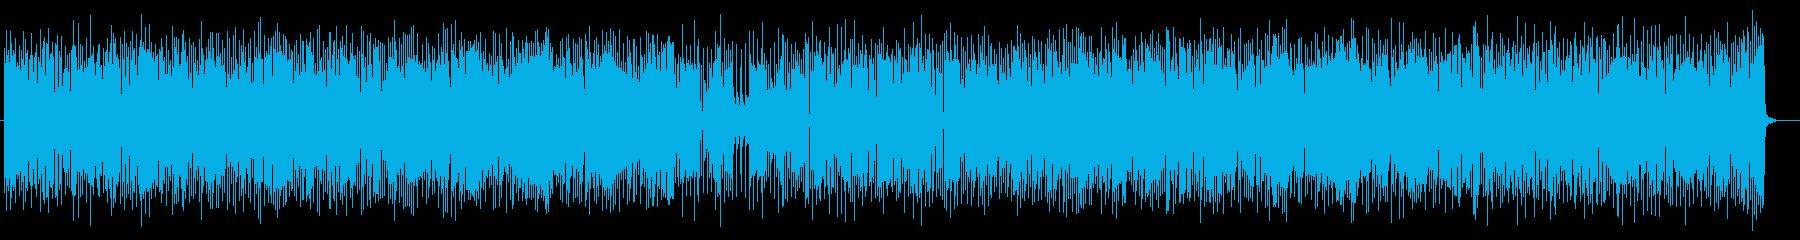 リズミカルなメロディが特徴のポップスの再生済みの波形